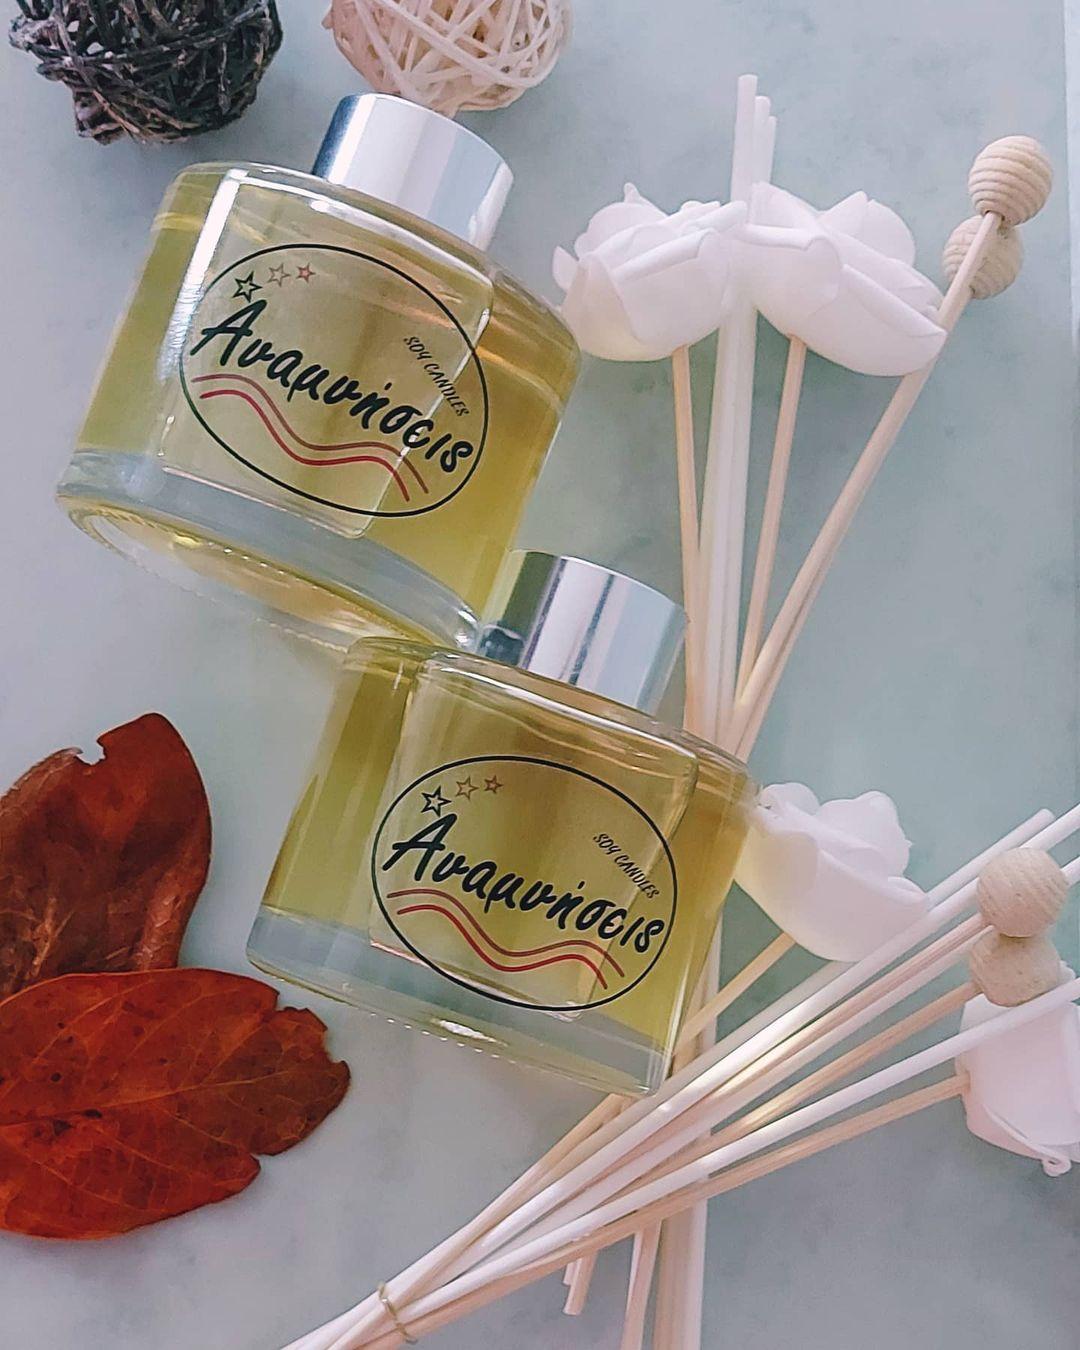 Υπέροχα χειροποίητα αρωματικά κεριά και όχι μόνο!